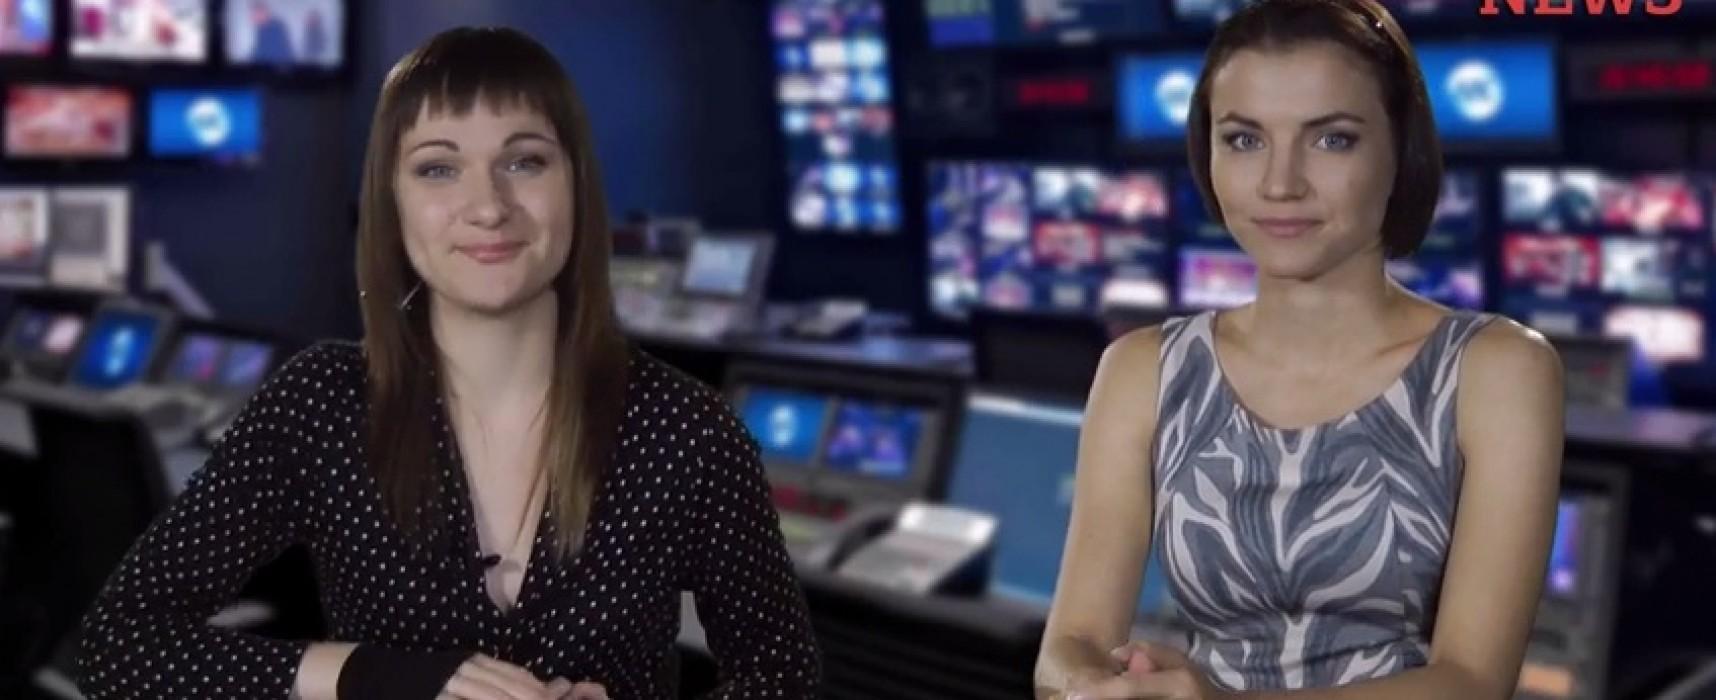 Недельный видеодайджест новостей от StopFake. Двенадцатый выпуск